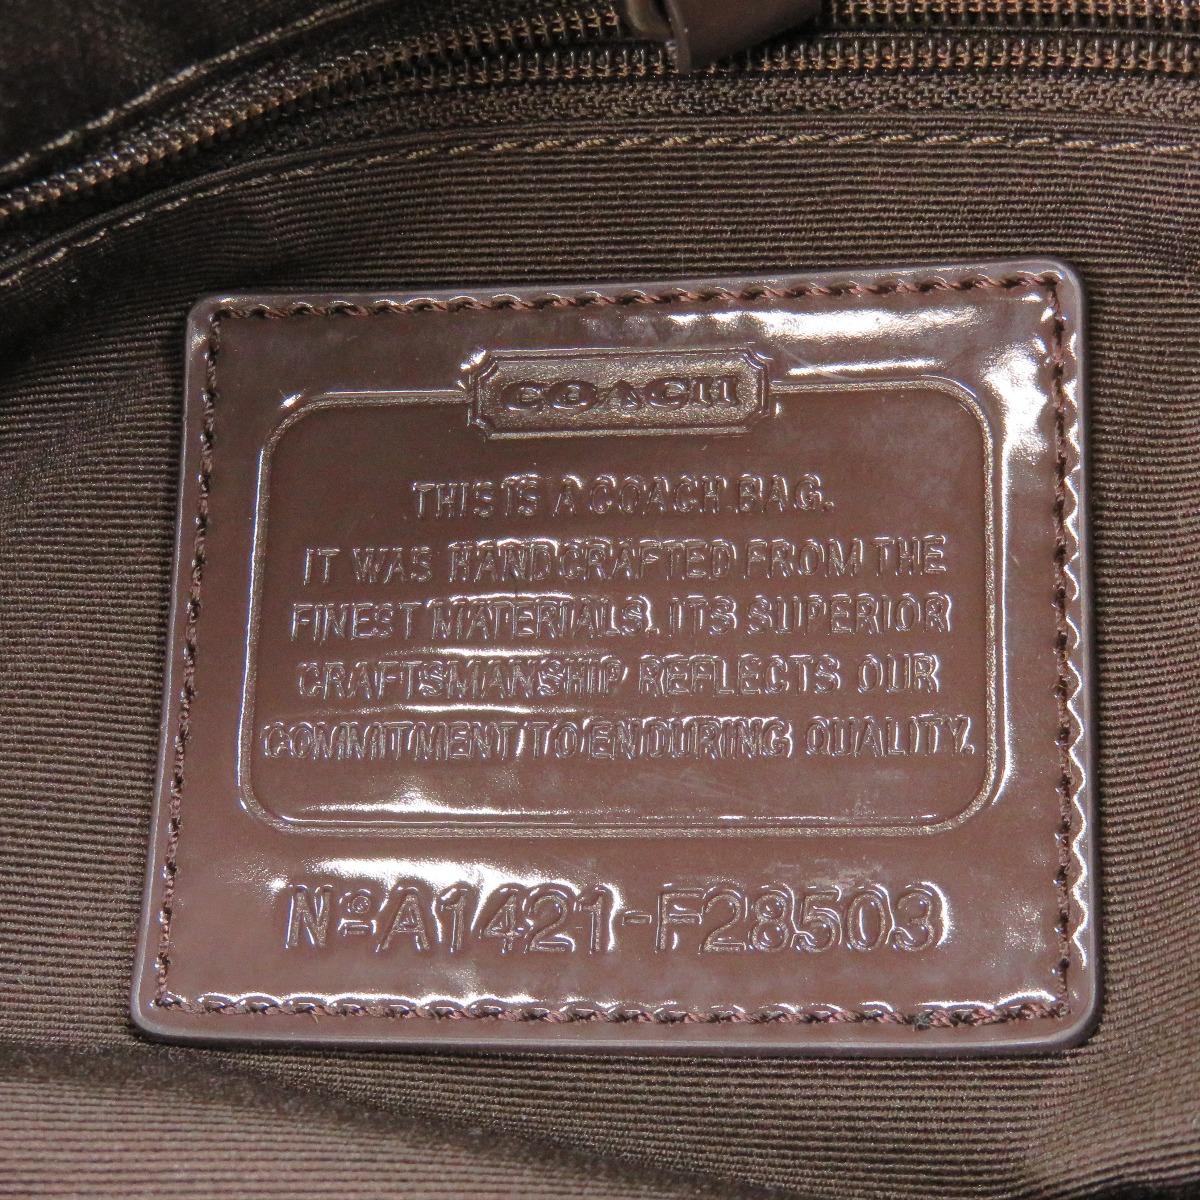 教练签名 F28508 袋帆布 / 皮革女性